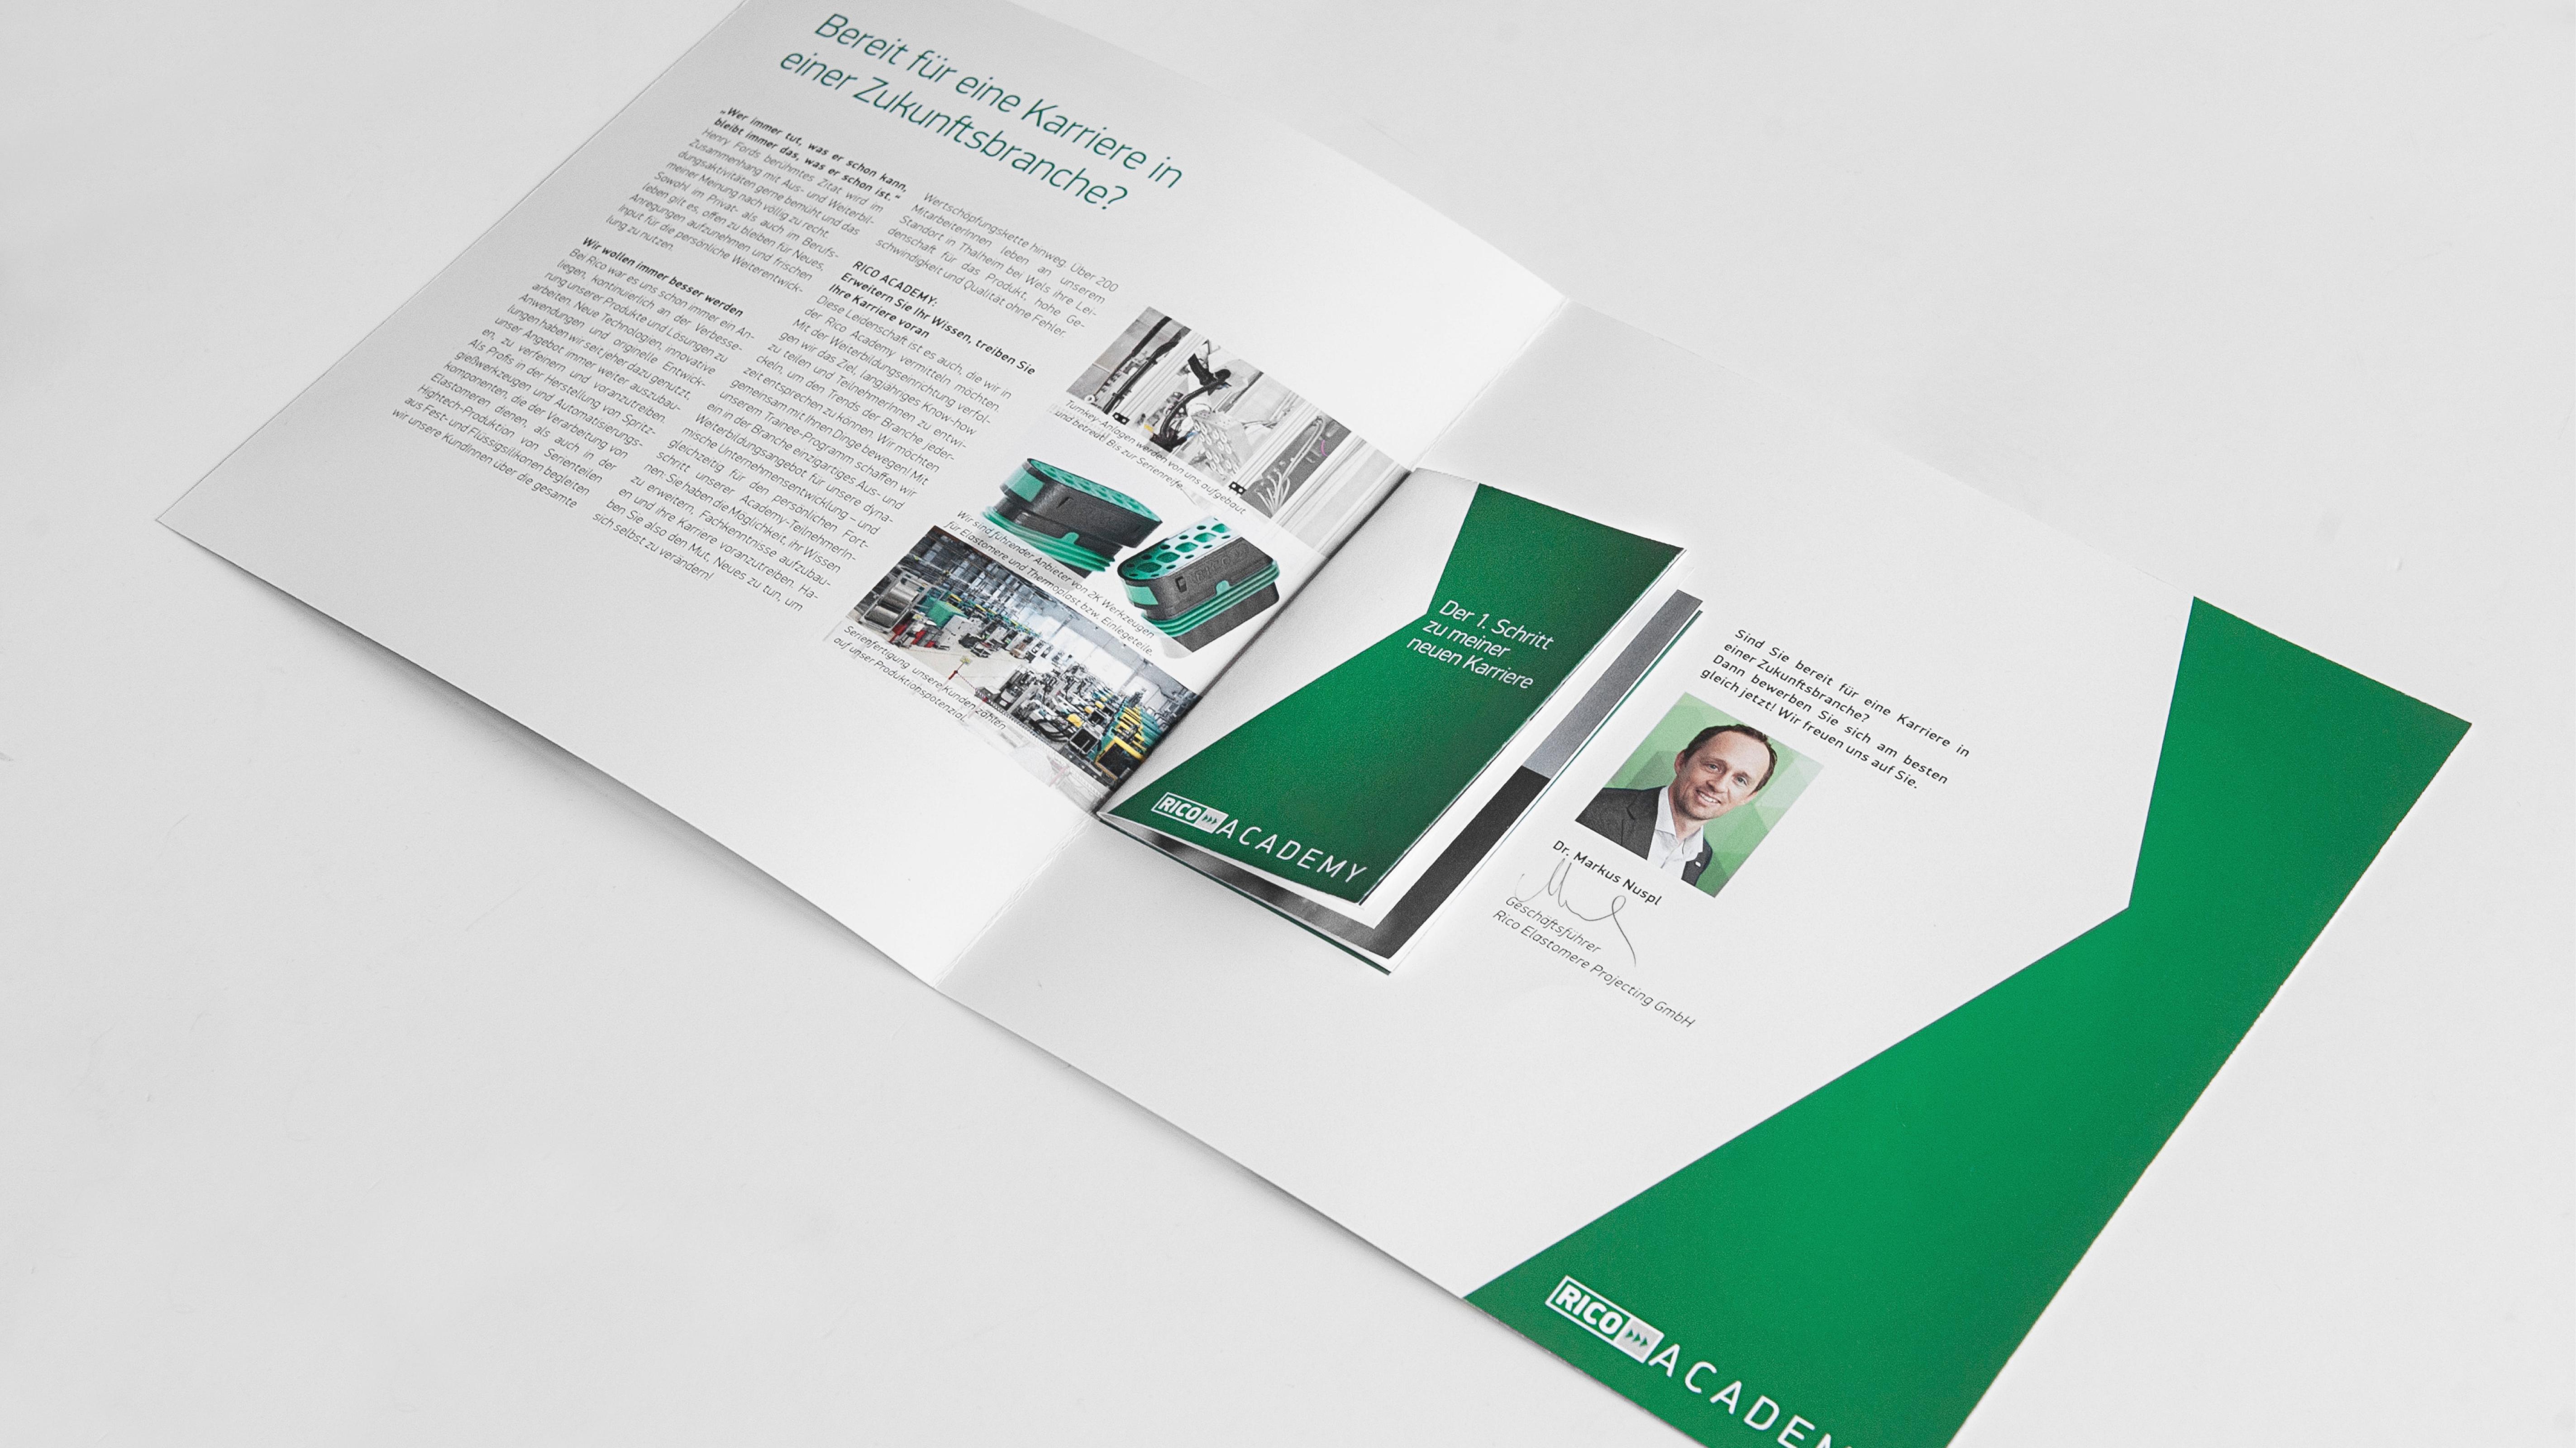 Rico Academy - SPS MARKETING GmbH ❉ Firmenverzeichnis ❉ medianet.at